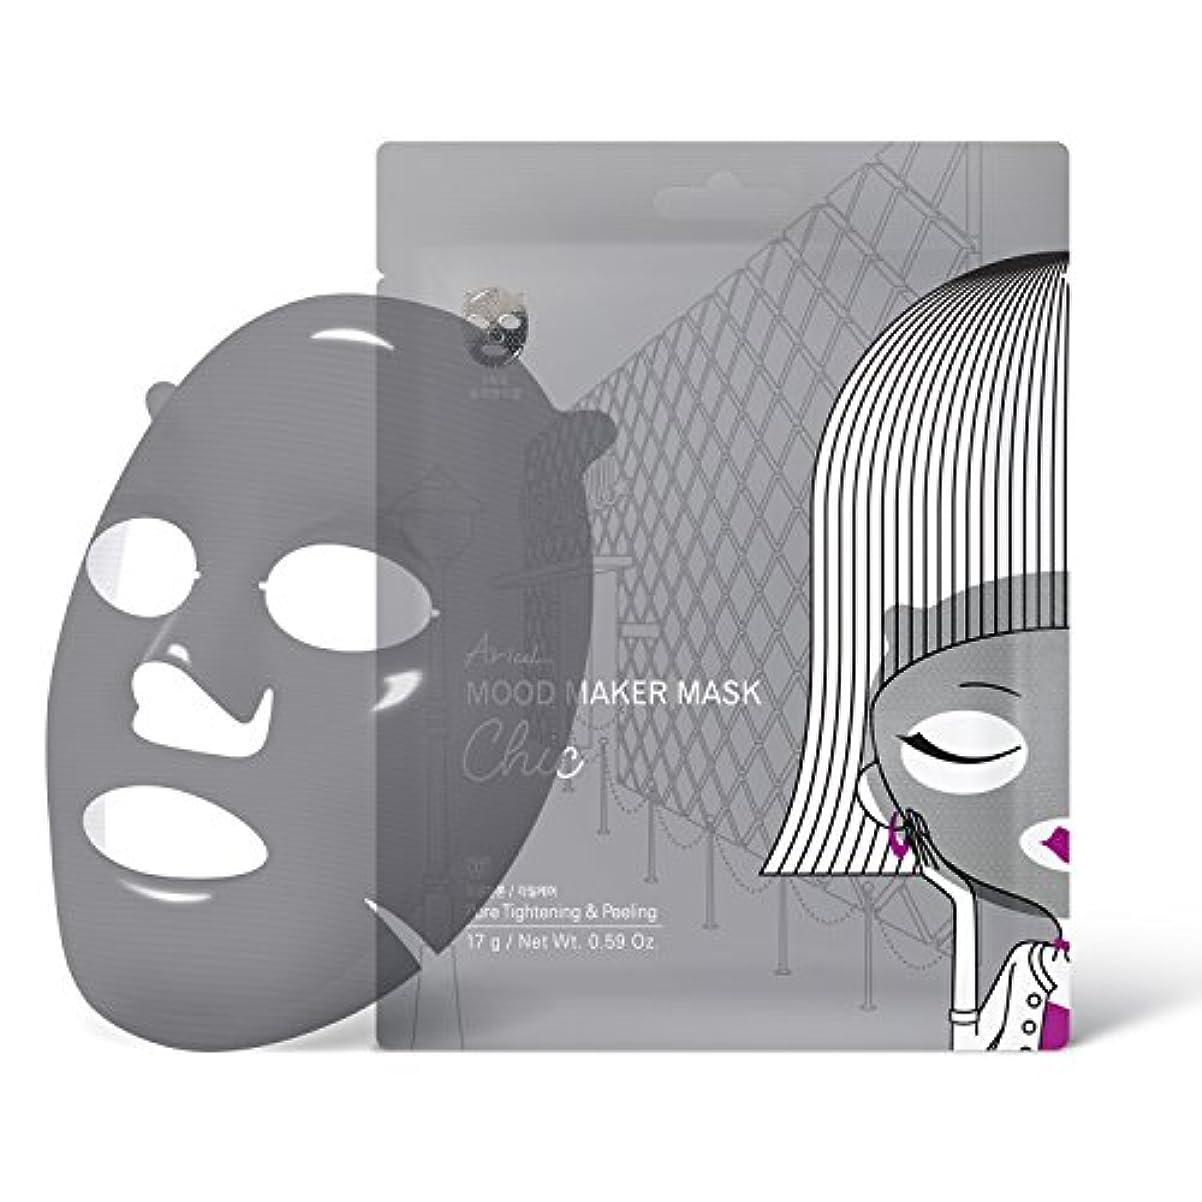 調整の量言い直すアリウル ムードメーカーマスク シック 1枚入り